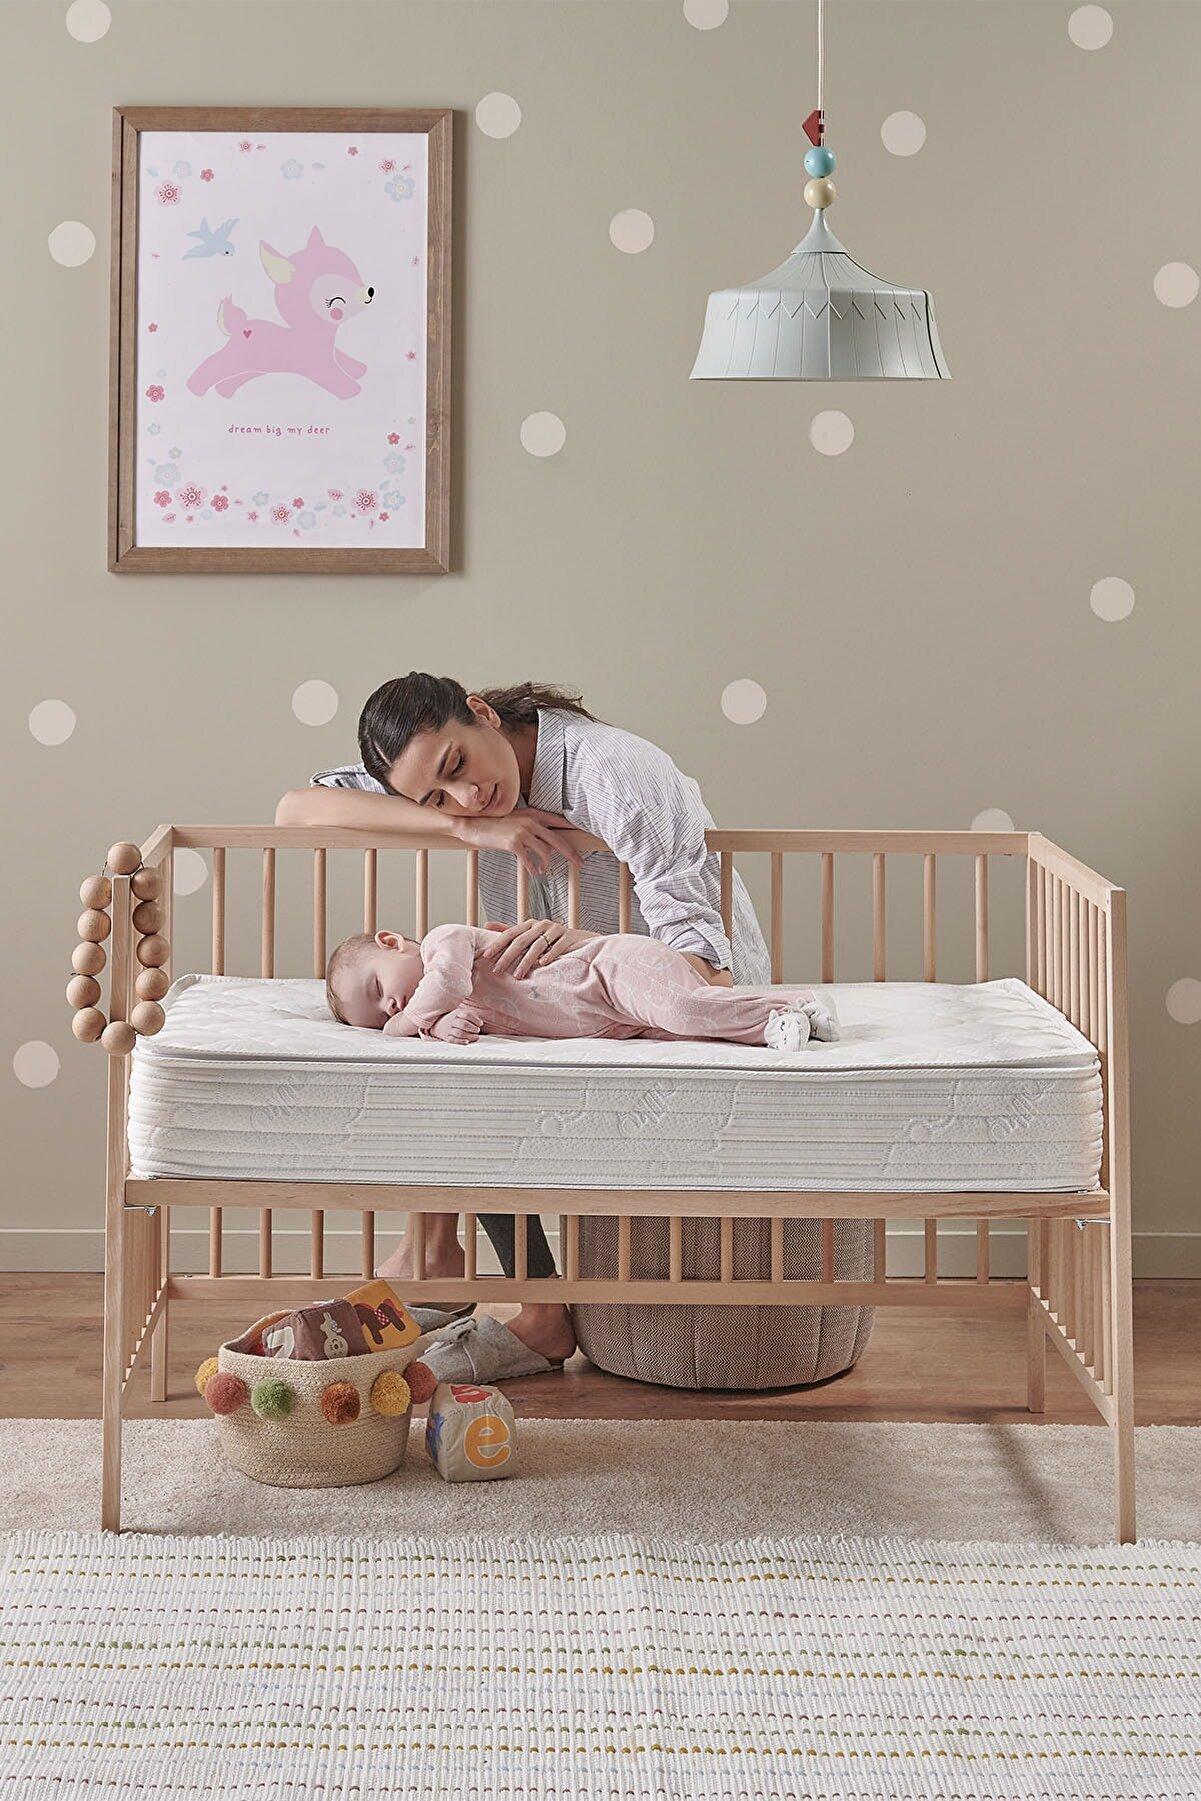 Yataş Milky Comfy Dht Pedli Yaylı Yatak